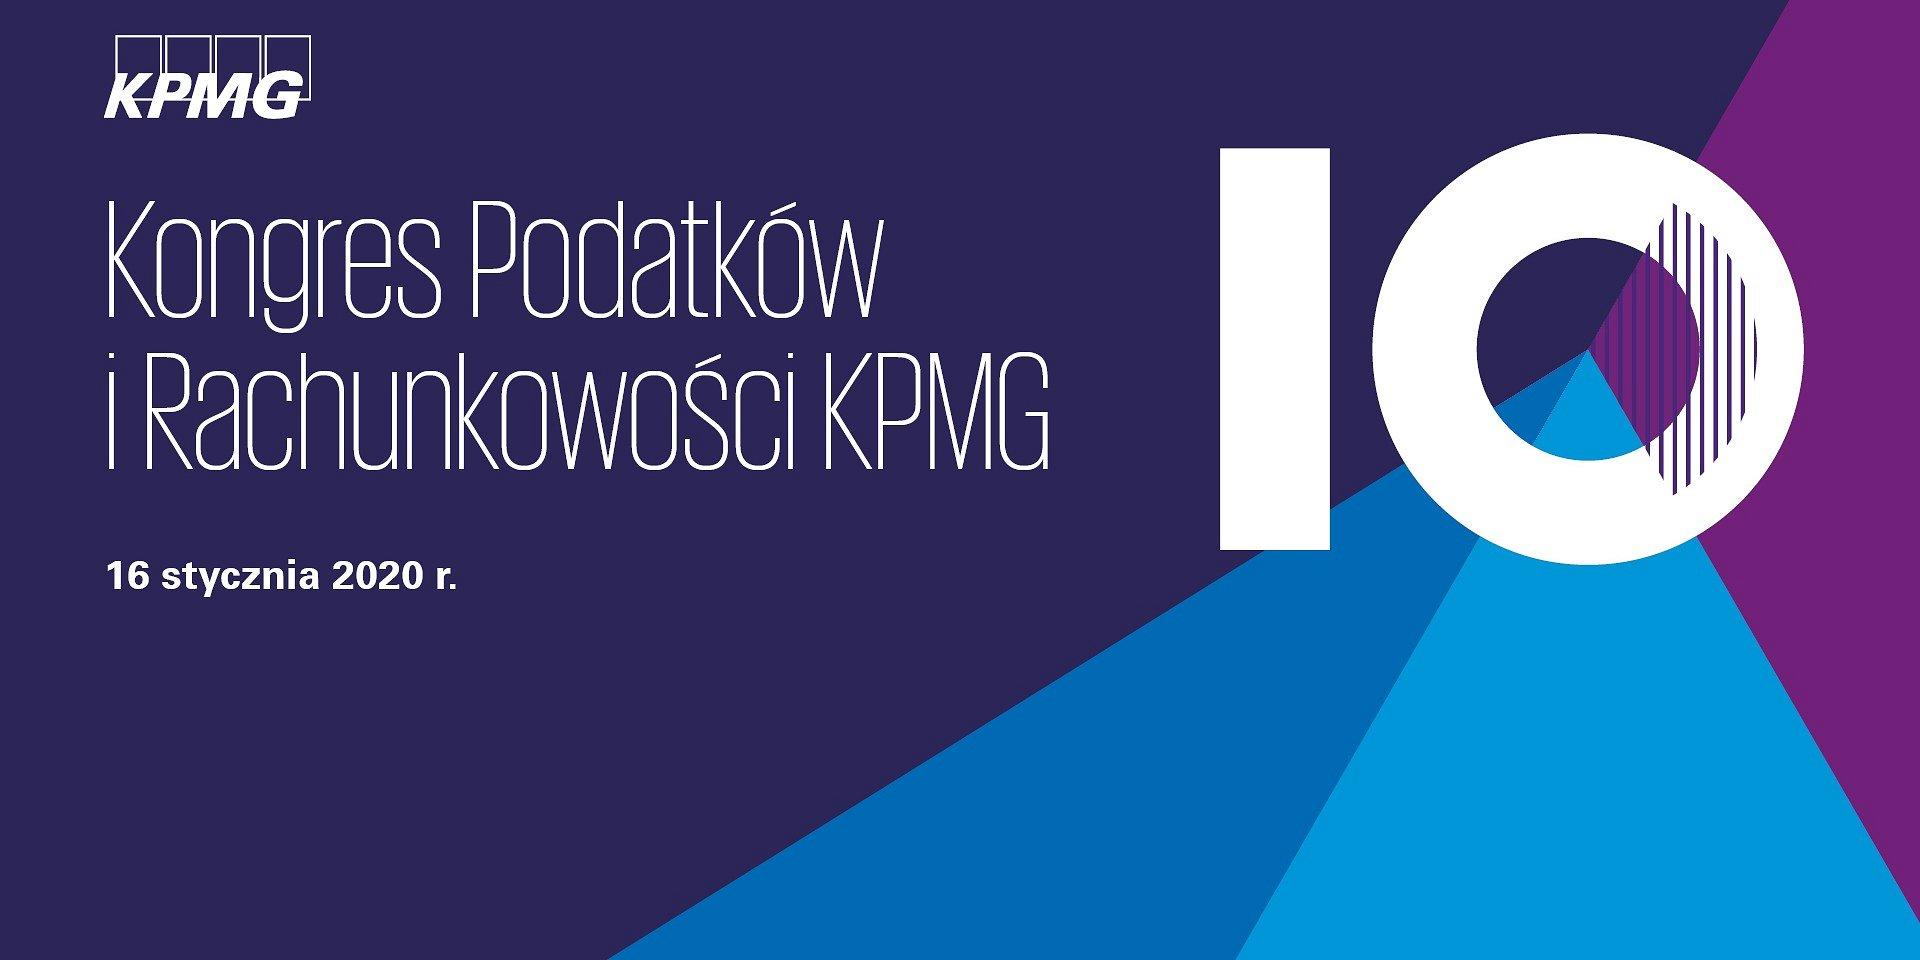 ACCA Patronem X Kongresu Podatków i Rachunkowości KPMG